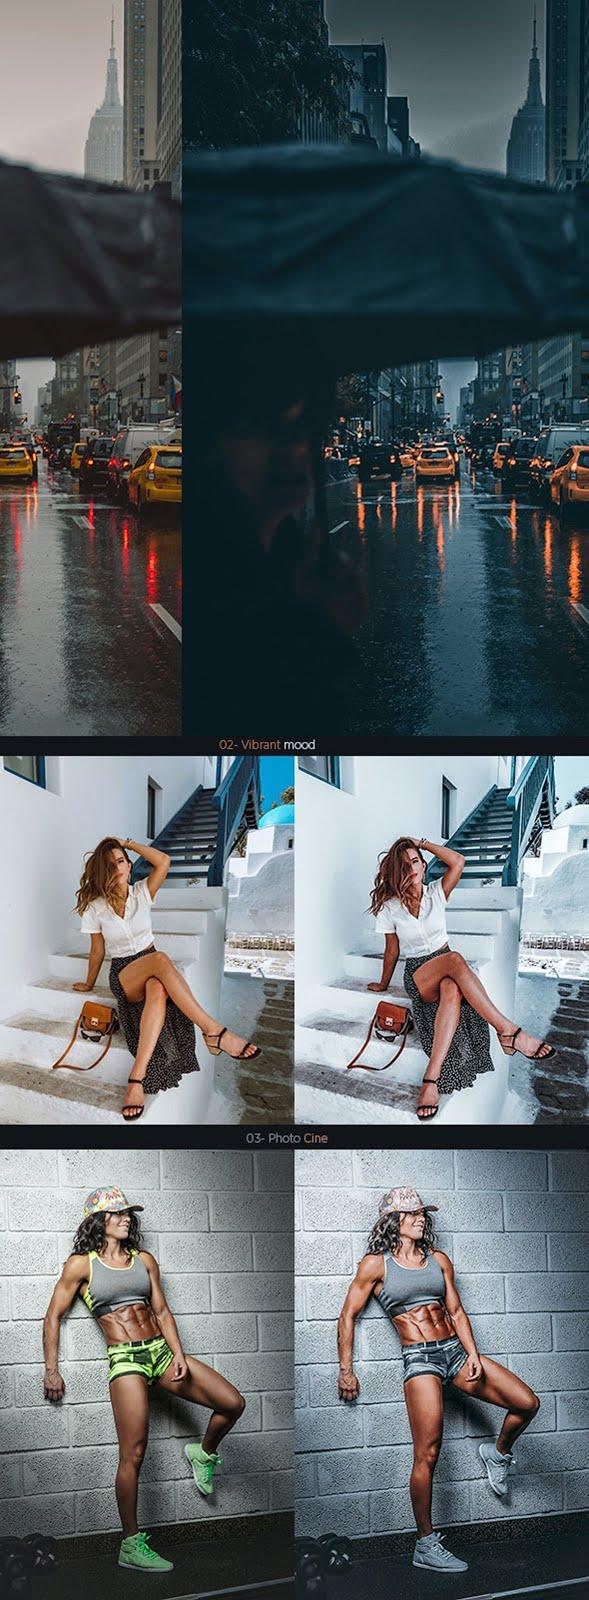 50 Premium Photoshop Actions 26605057 Free